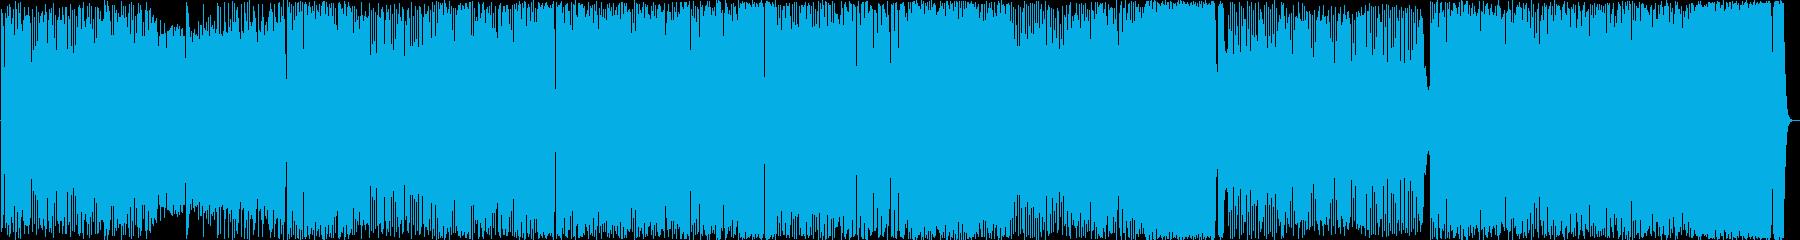 メタルとオーケストラのメロディアスな曲の再生済みの波形